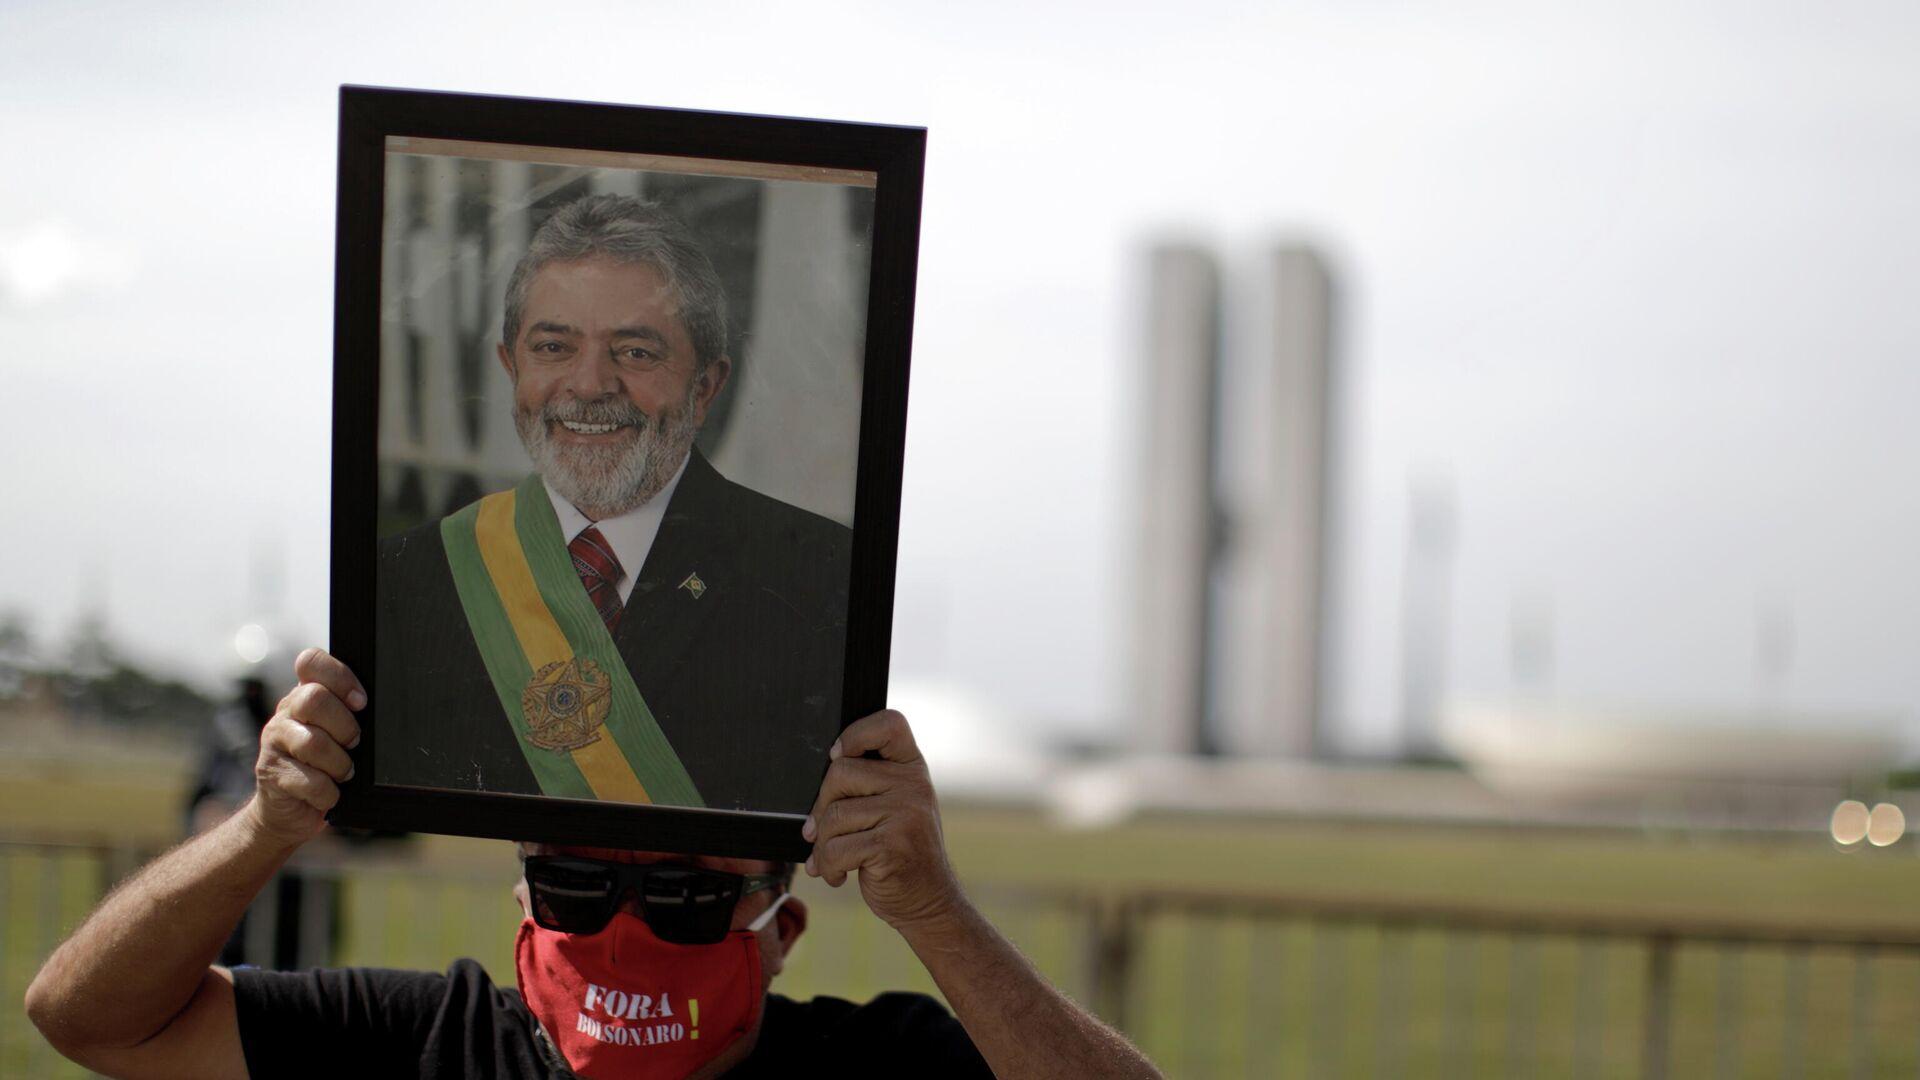 Un manofestante con el retrato del expresidente de Brasil Luiz Inácio Lula da Silva - Sputnik Mundo, 1920, 21.06.2021